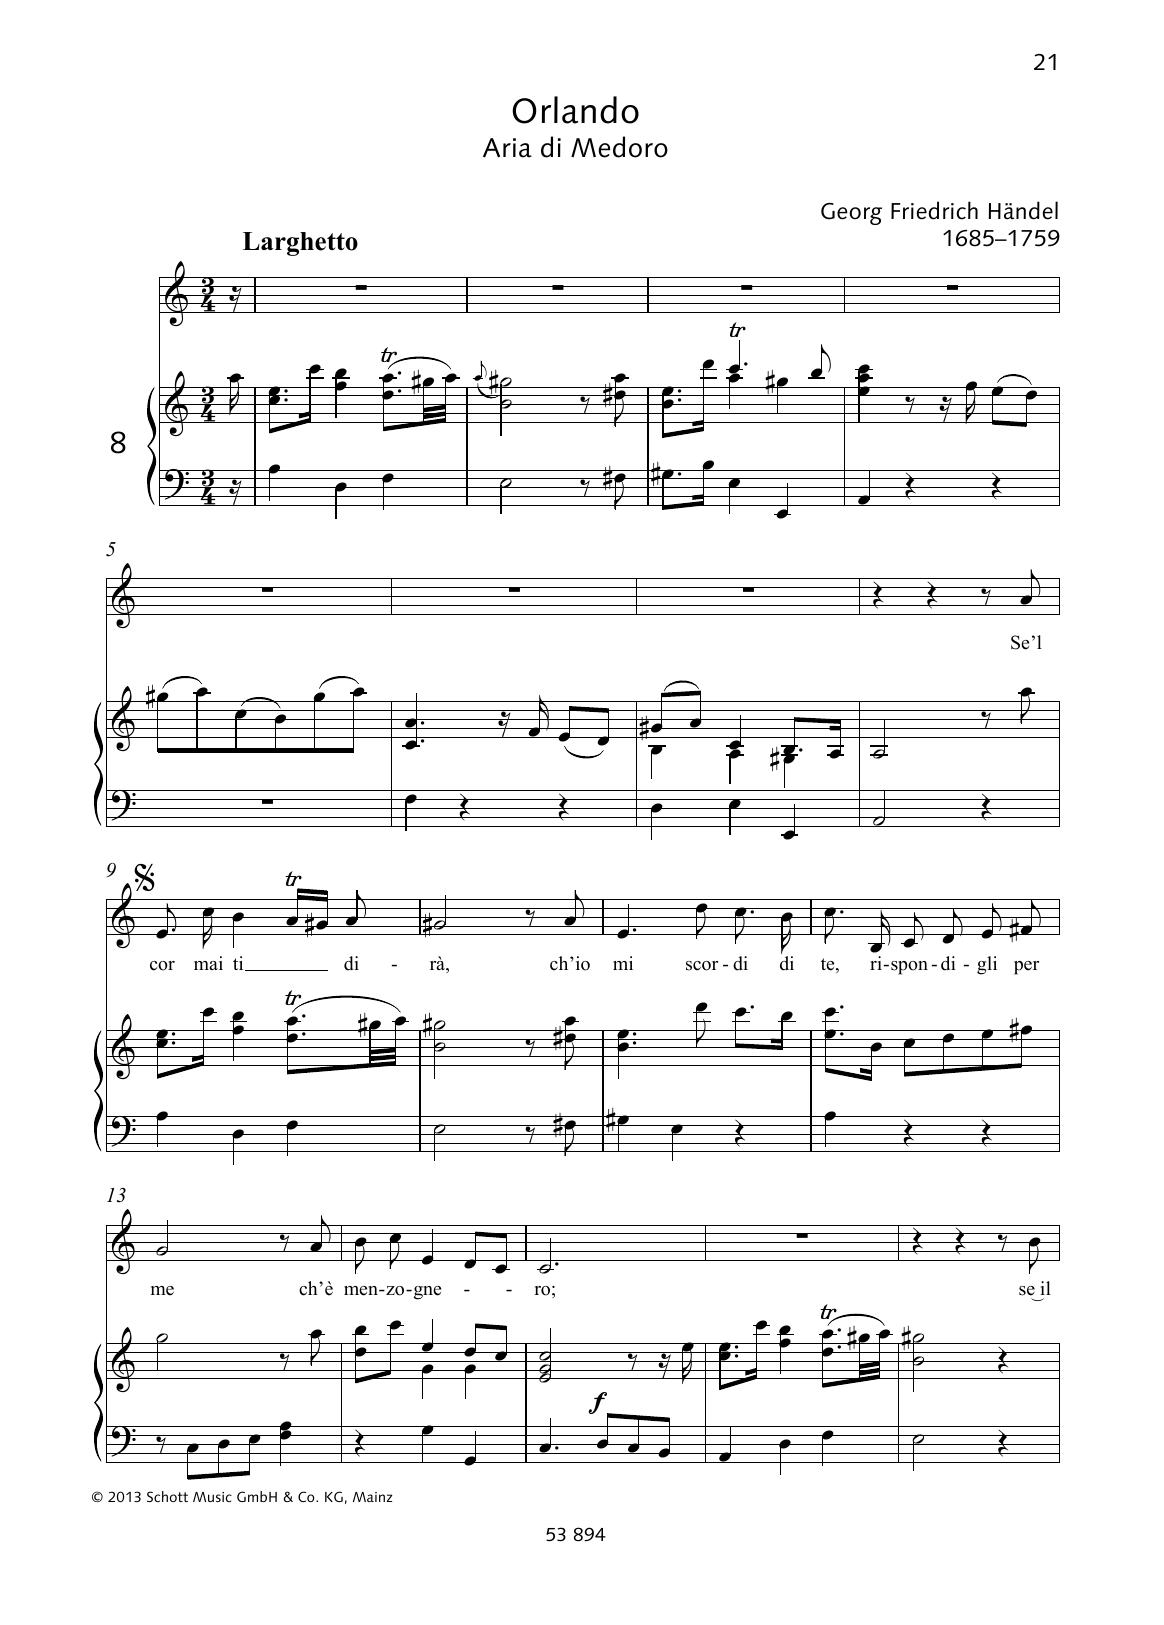 Se'l cor mai ti dira Sheet Music